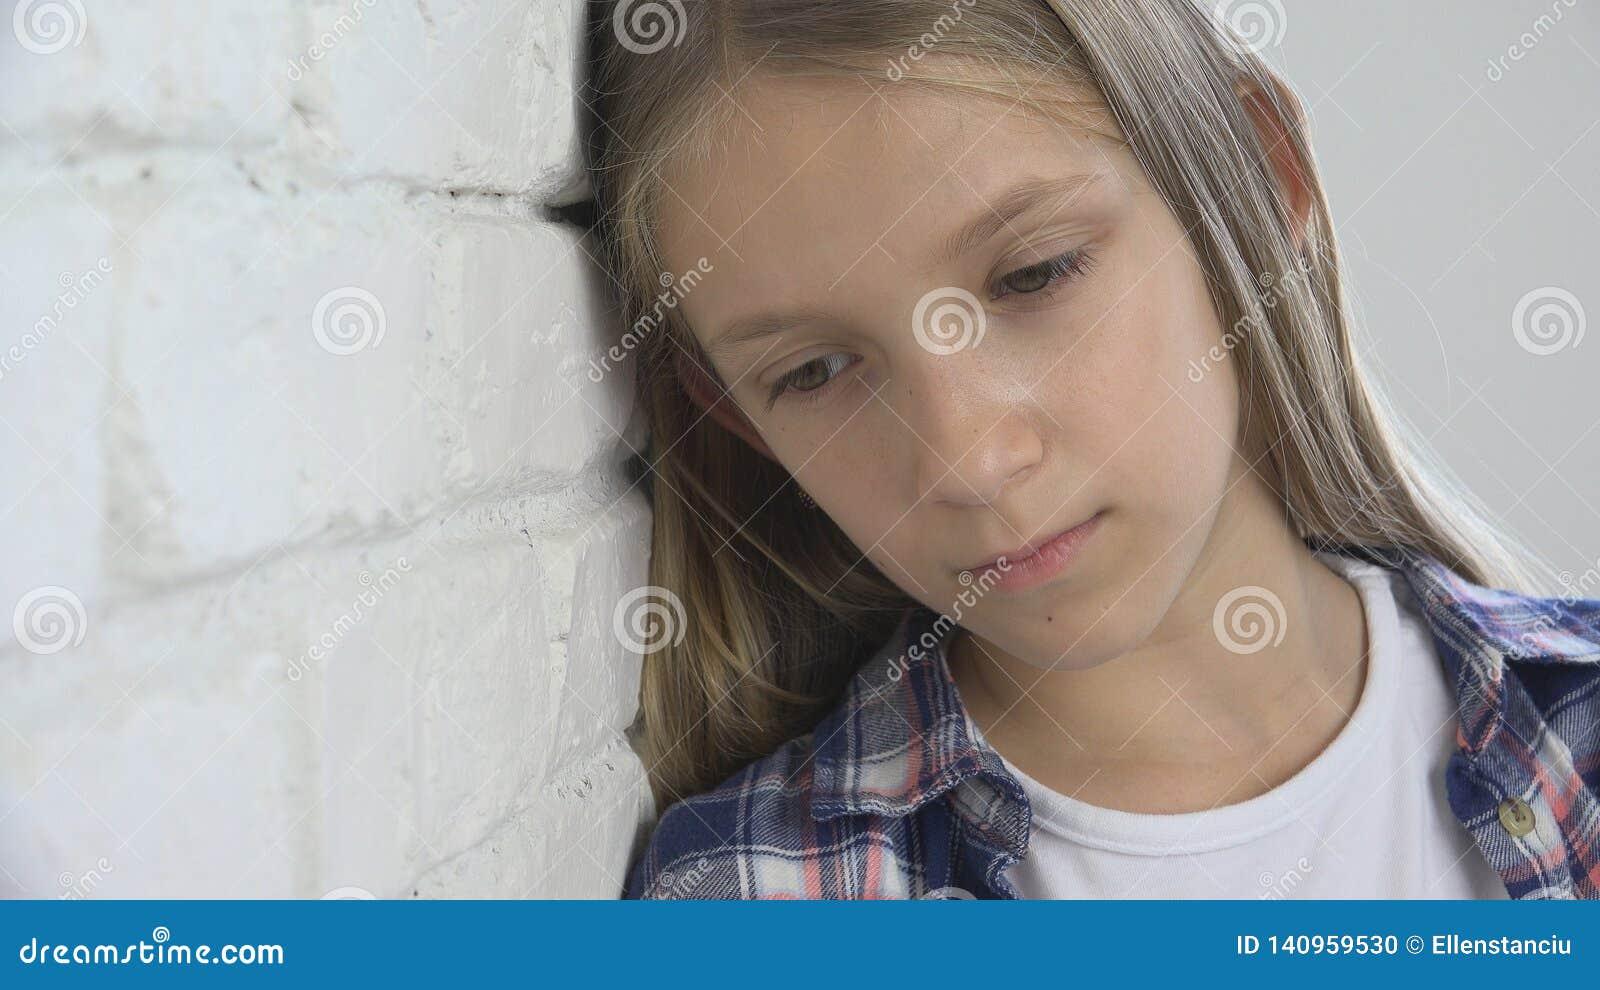 Criança triste, criança infeliz, menina doente doente na depressão, pessoa pensativa forçada